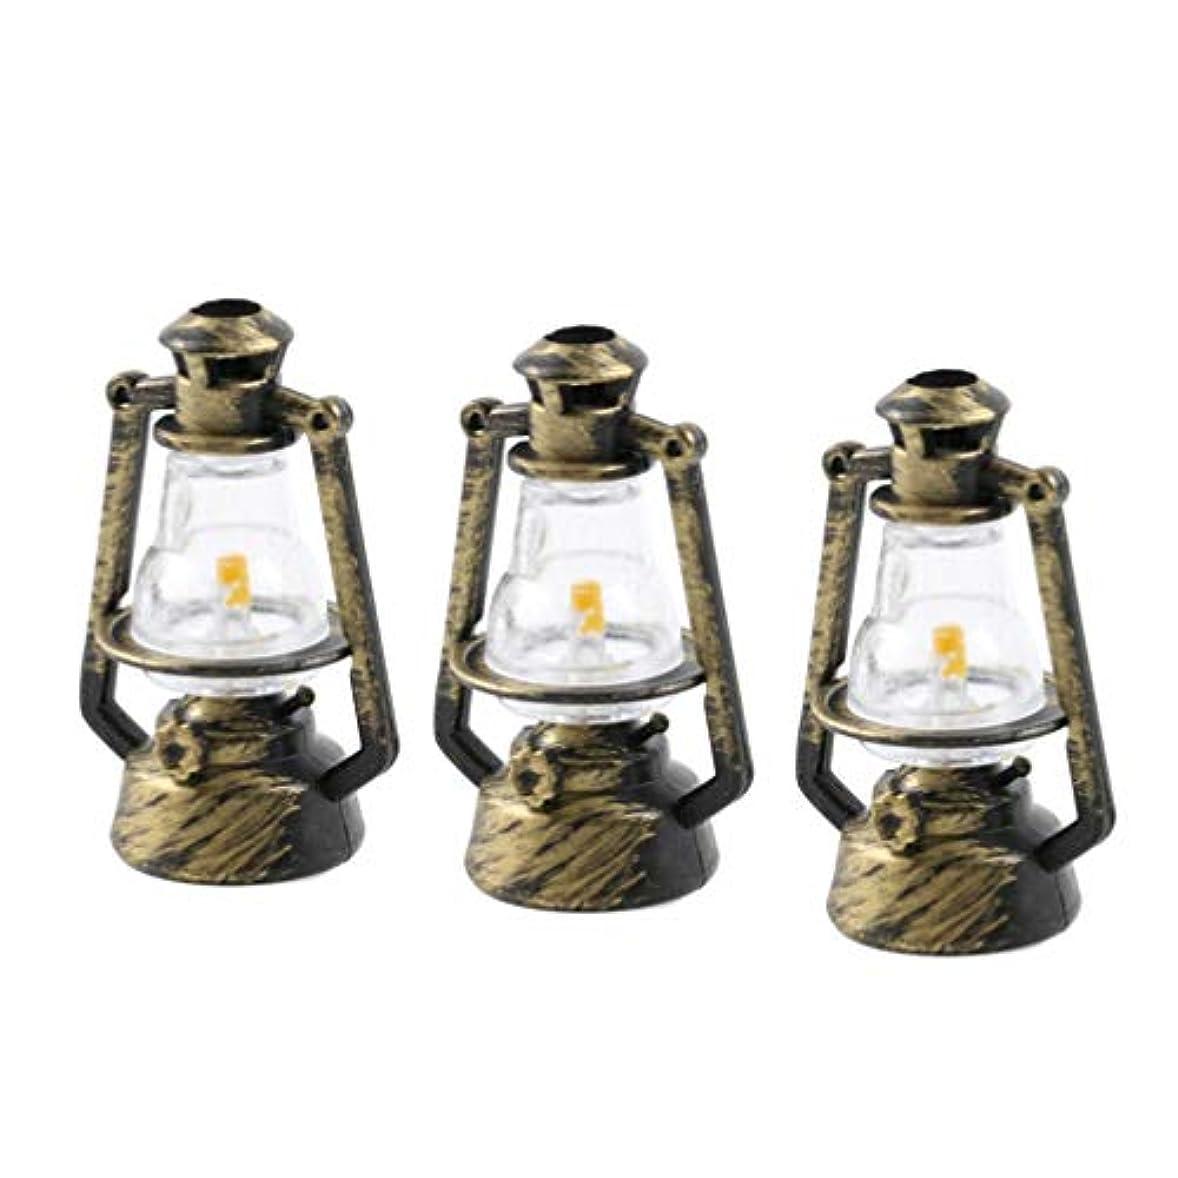 陰気ペイン限られたSUPVOX ホームドールハウス用6個のオイル燃焼ランタンウェディングライトテーブルランプ